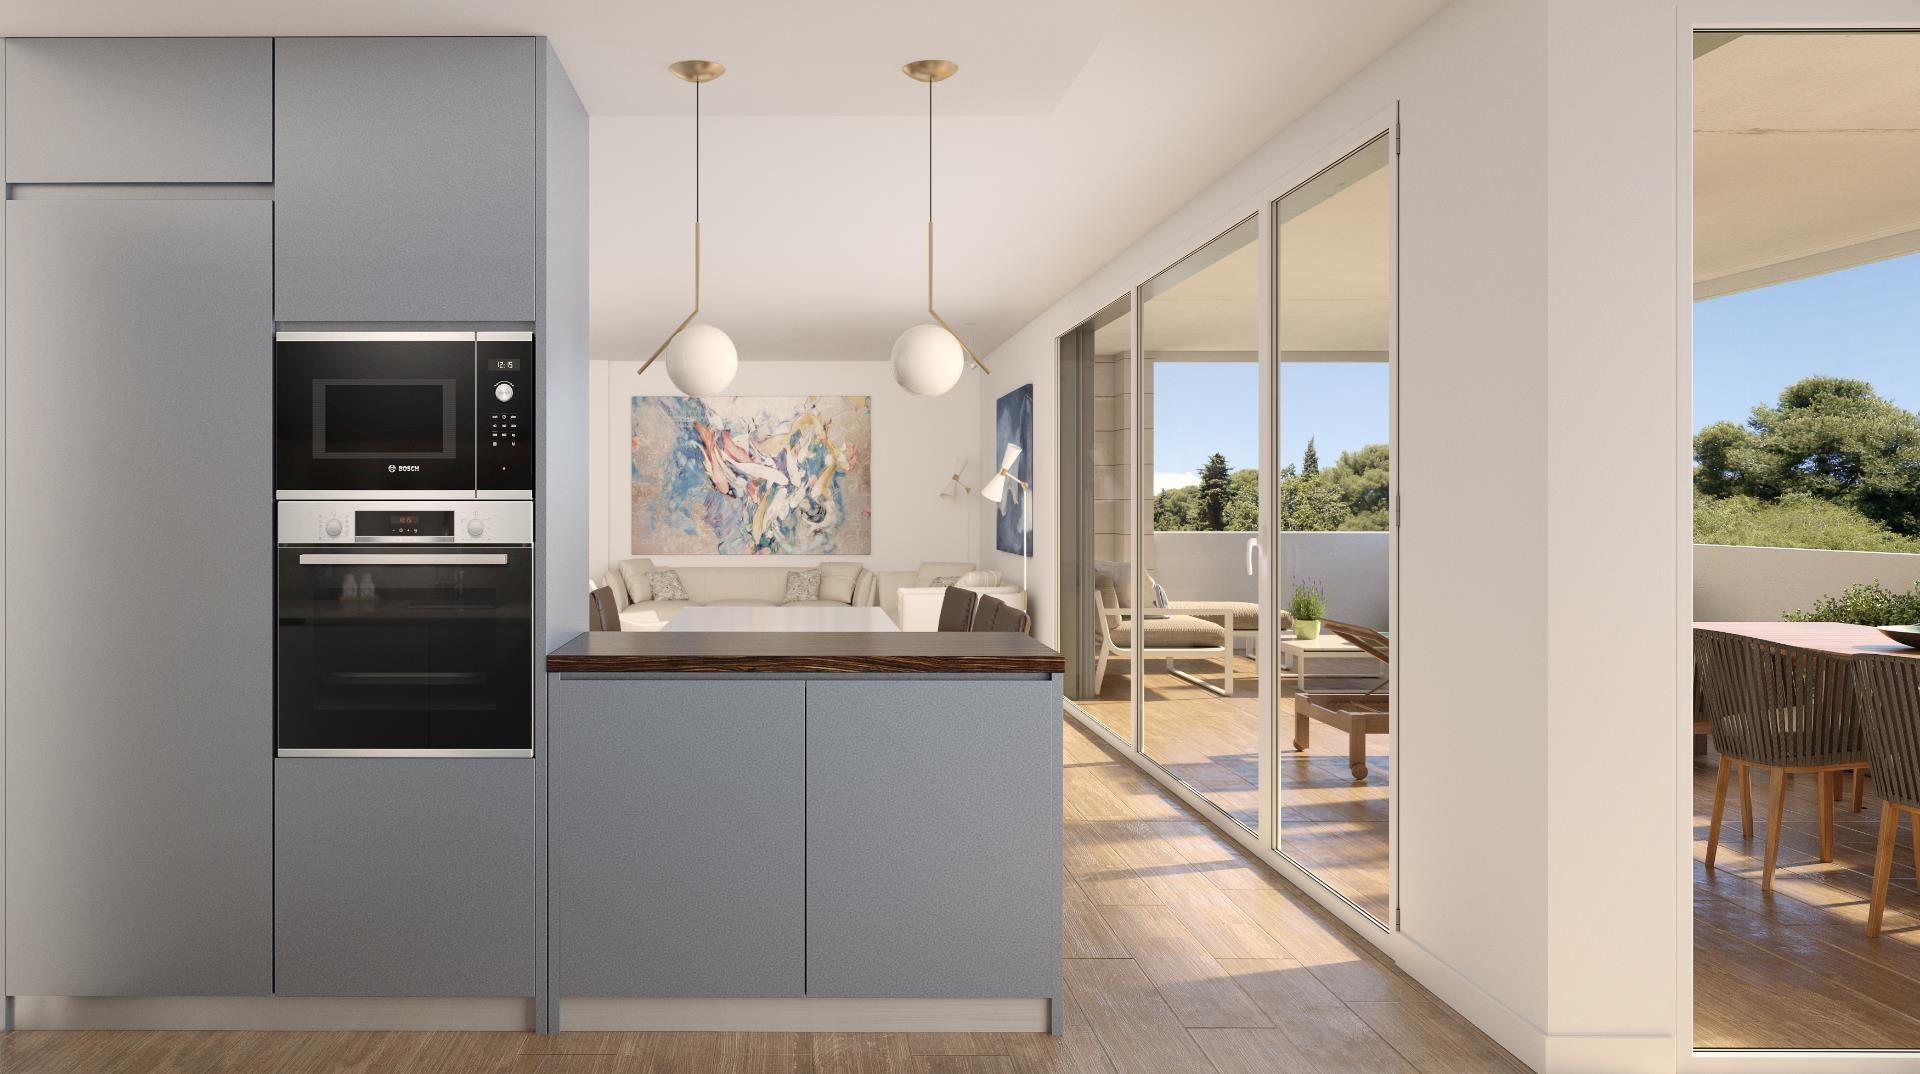 Comprar una vivienda Obra nueva en Zaragoza si es posible